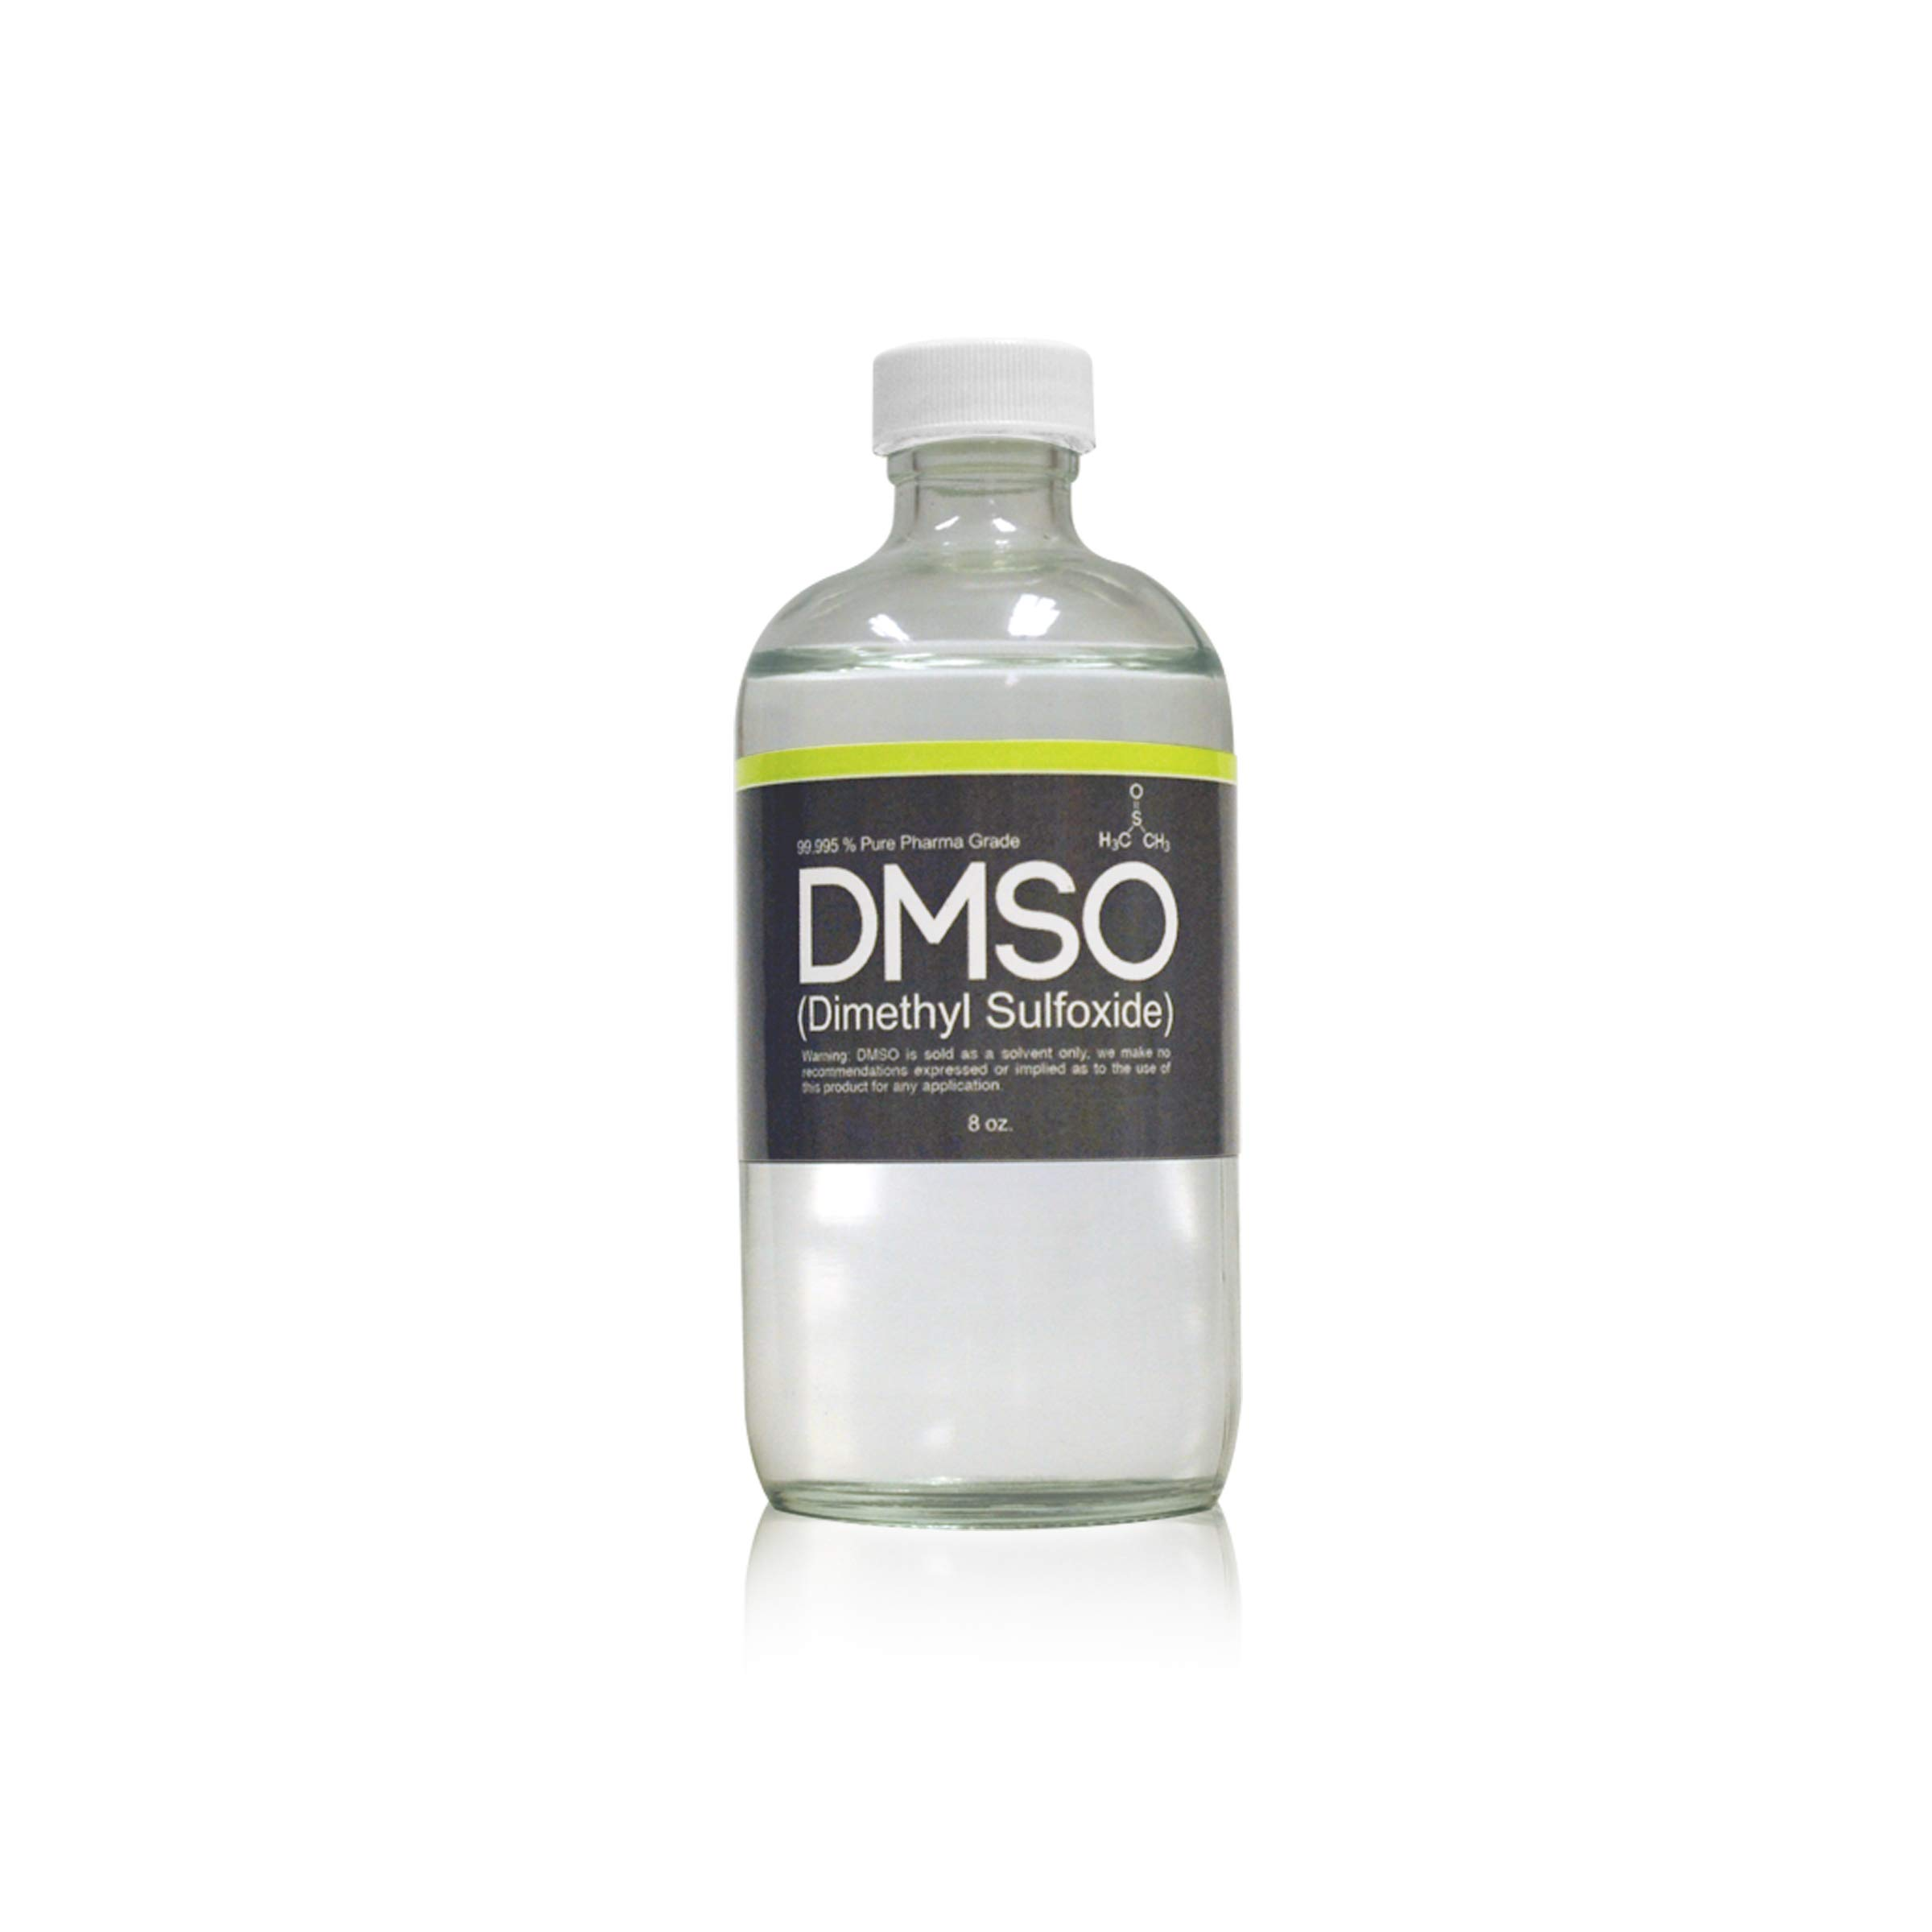 DMSO Dimethyl Sulfoxide Low Odor in Glass 8 oz Bottle 99 995